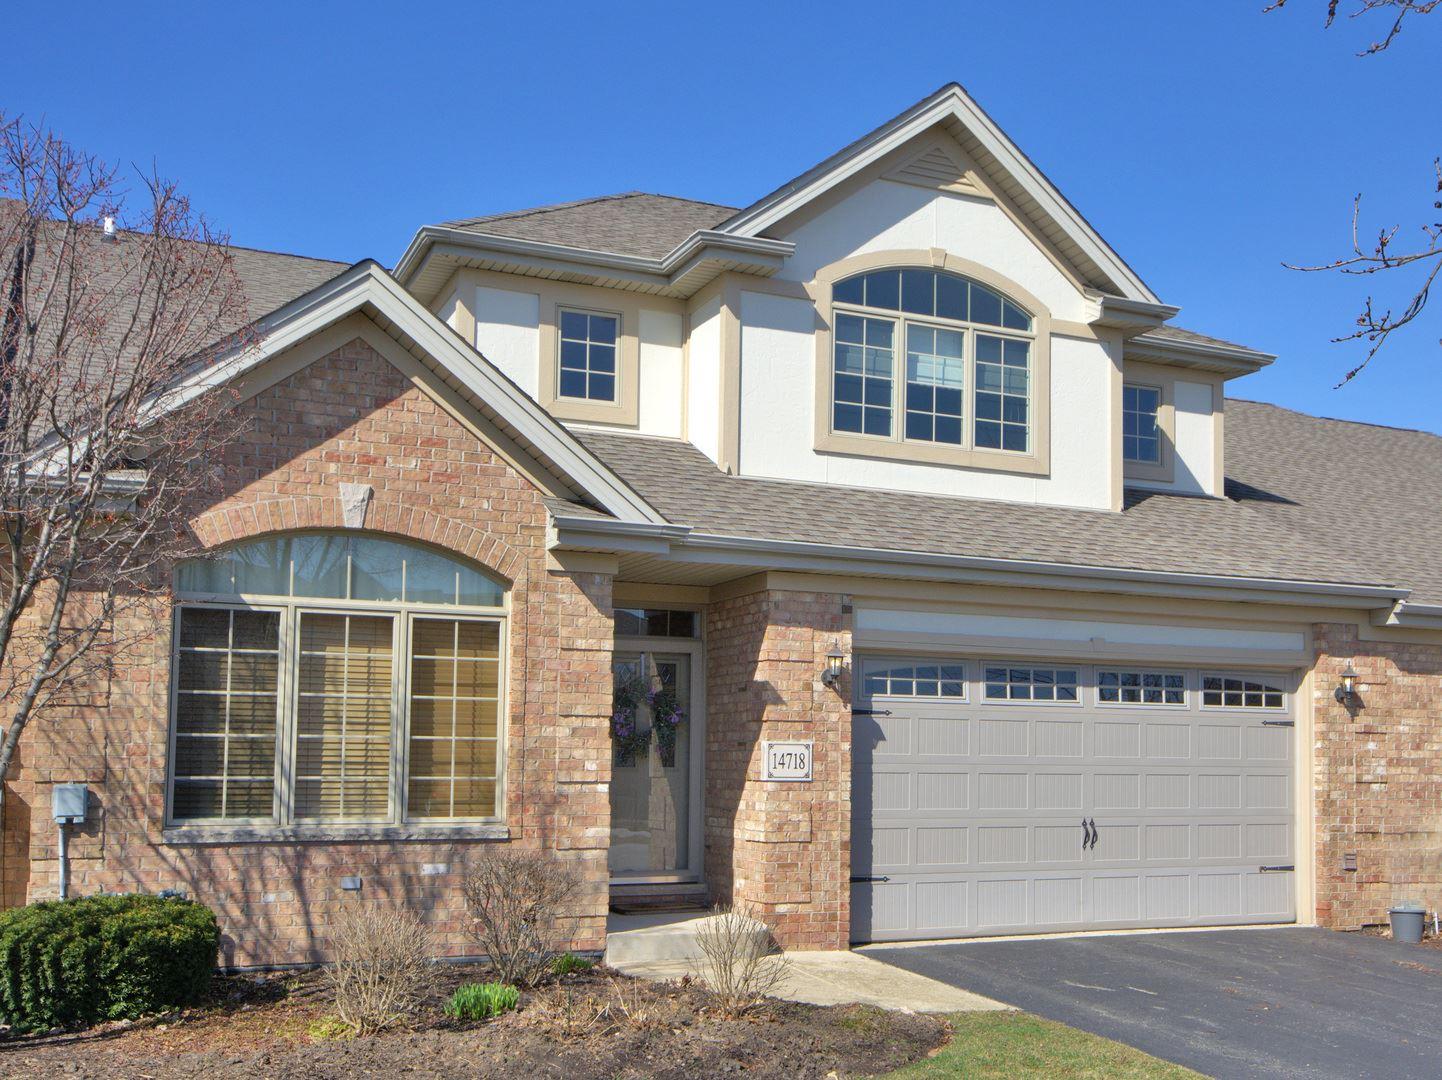 14718 Clover Lane, Homer Glen, IL 60491 - #: 10684614